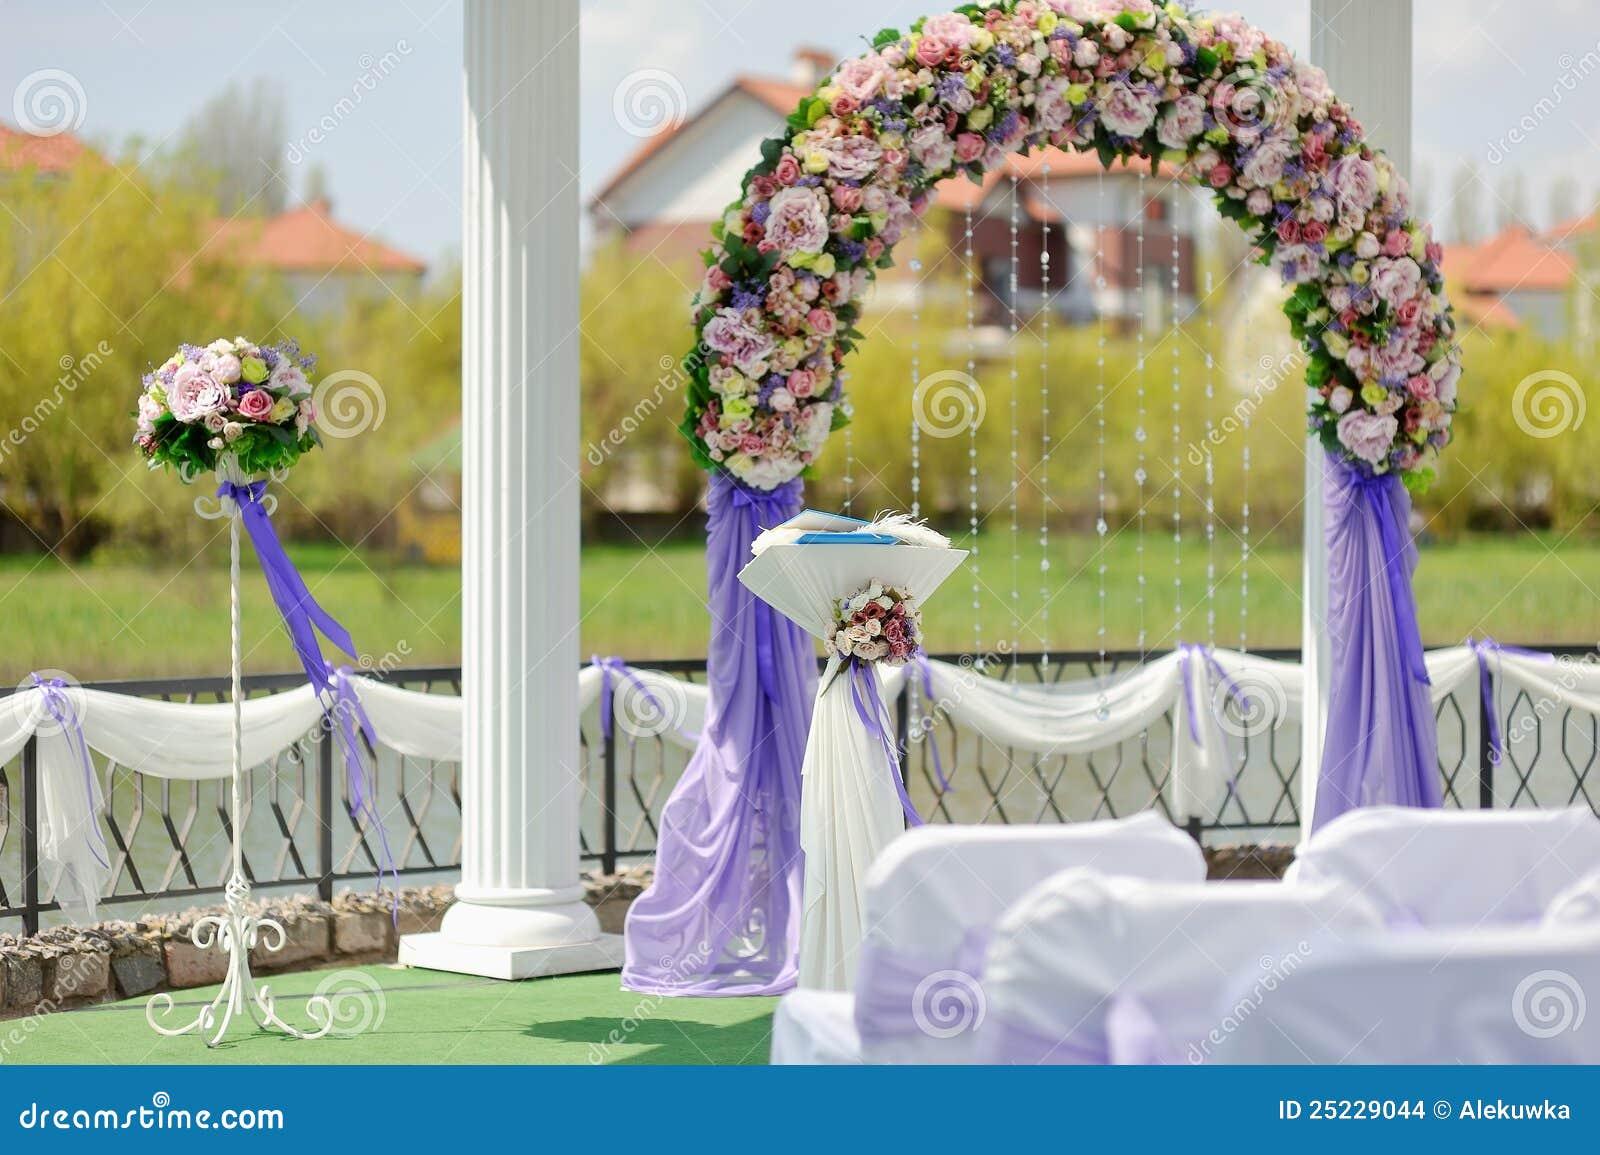 Affordable Wedding Dresses Denver Co